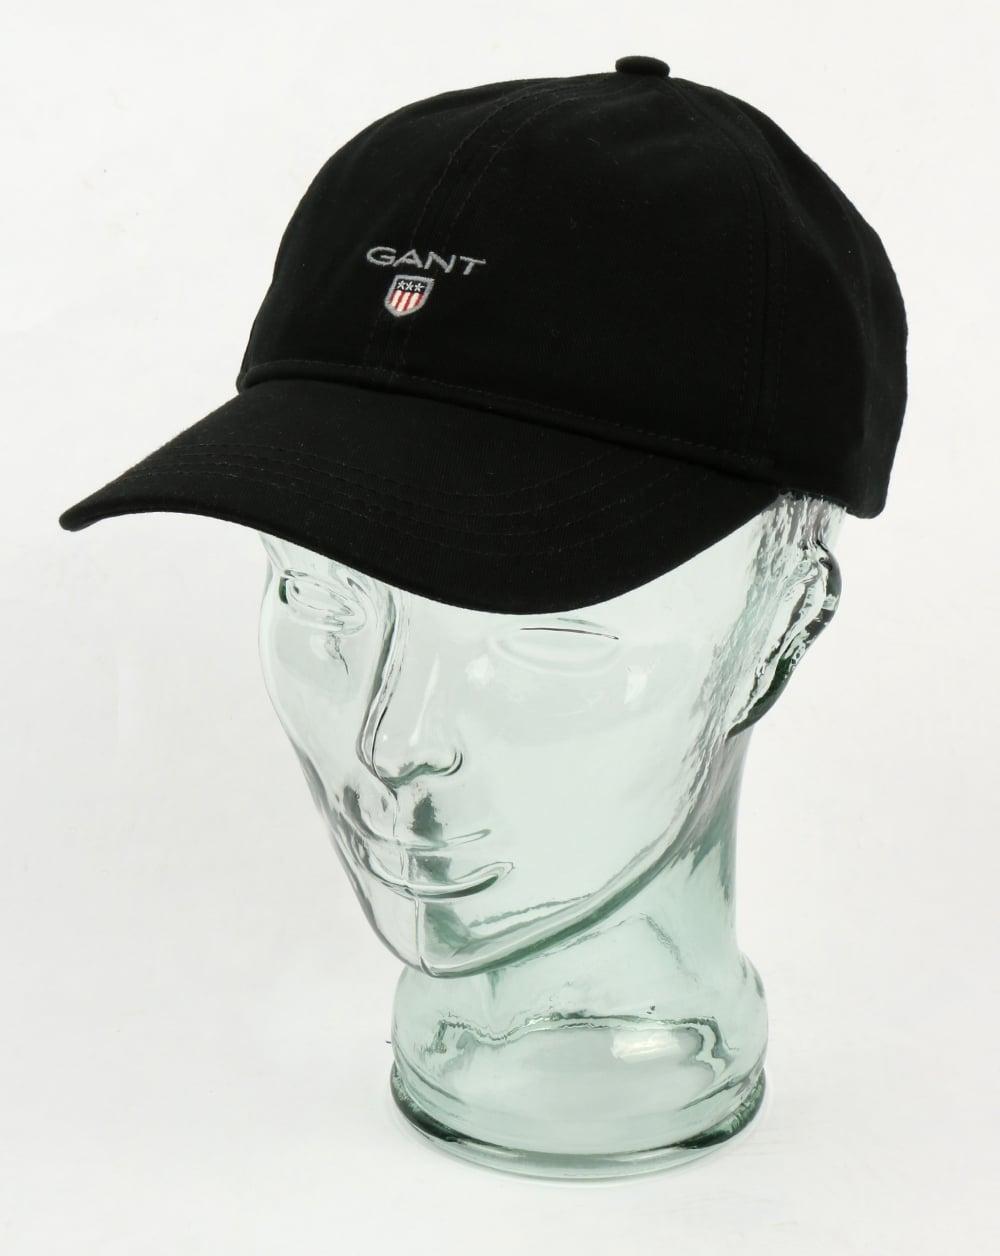 Gant Gant Twill Cap Black ee4876c1ace7